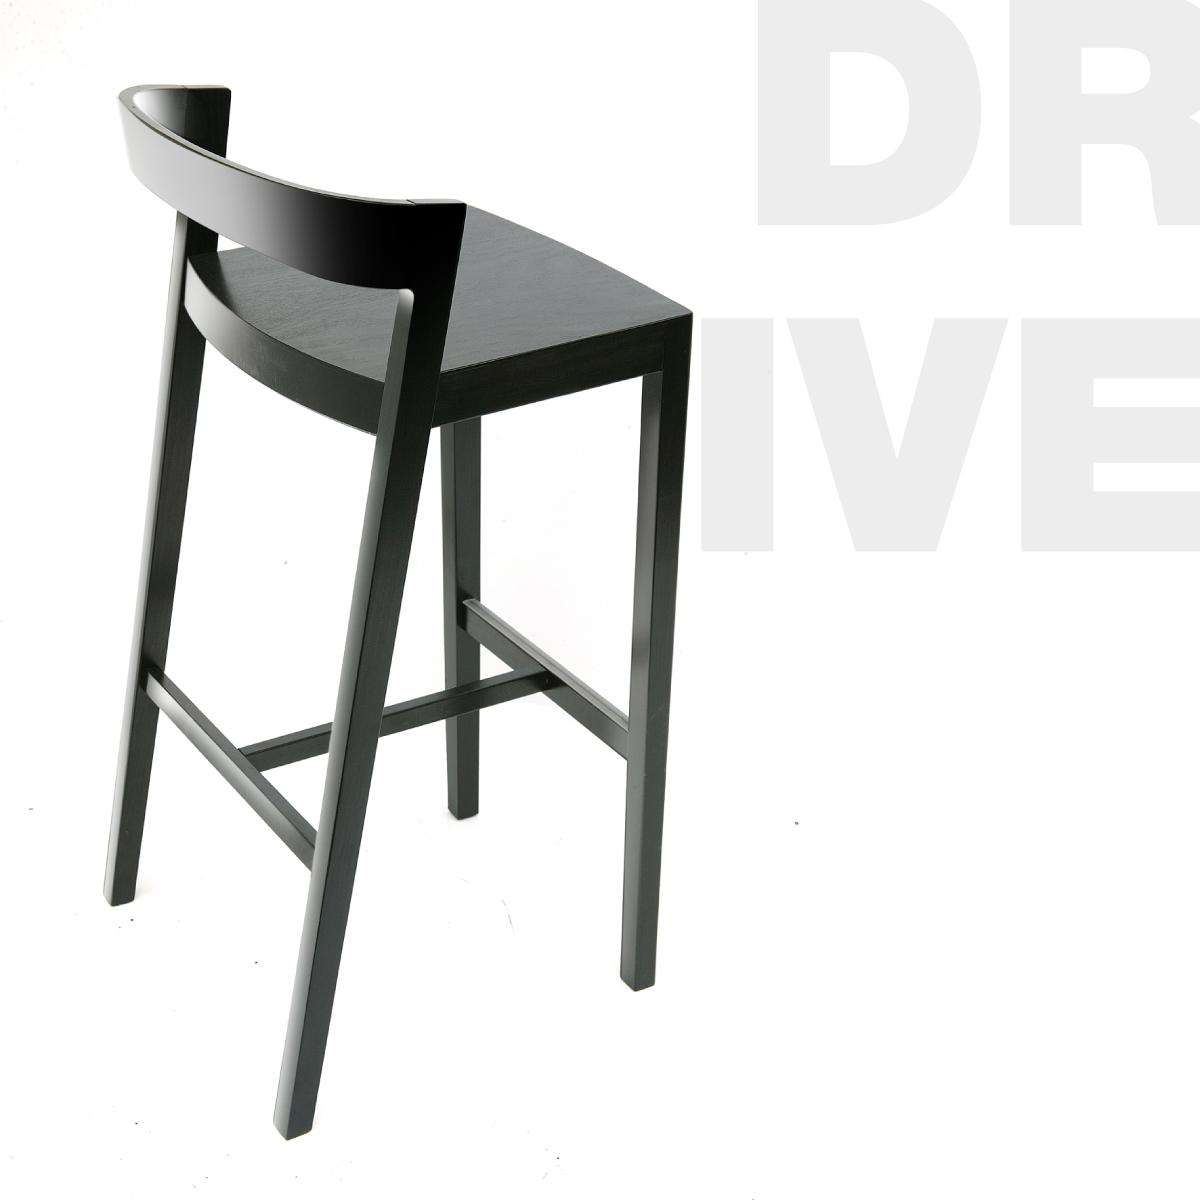 Dalani tavoli soggiorno francesi schic co sedie prezzi for Ikea sedie cucina prezzi